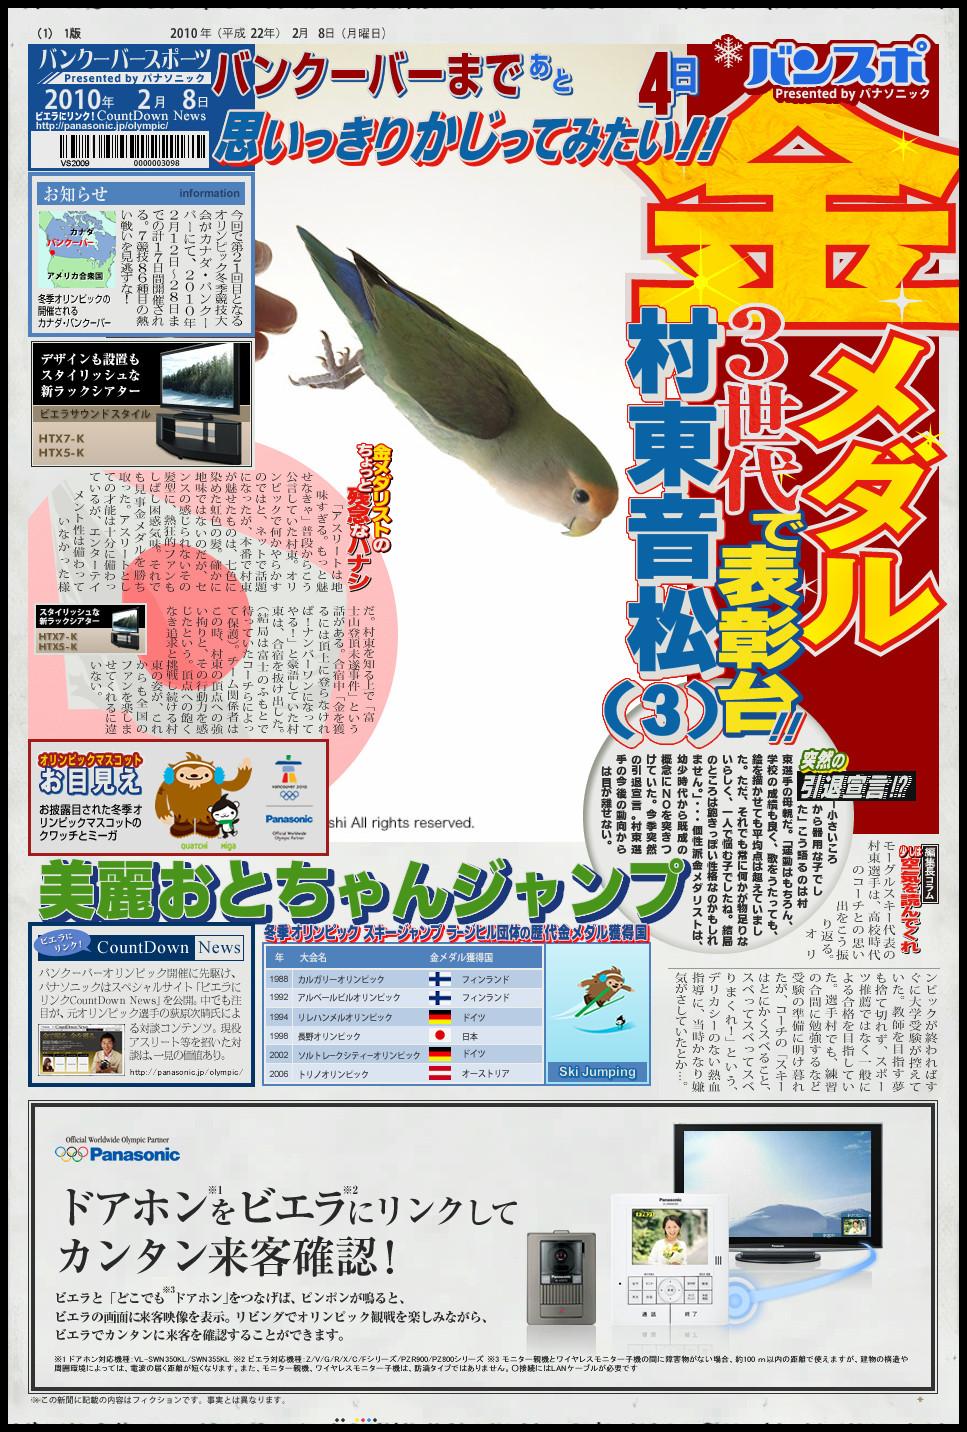 f:id:photosgo:20100208132011j:image:w450